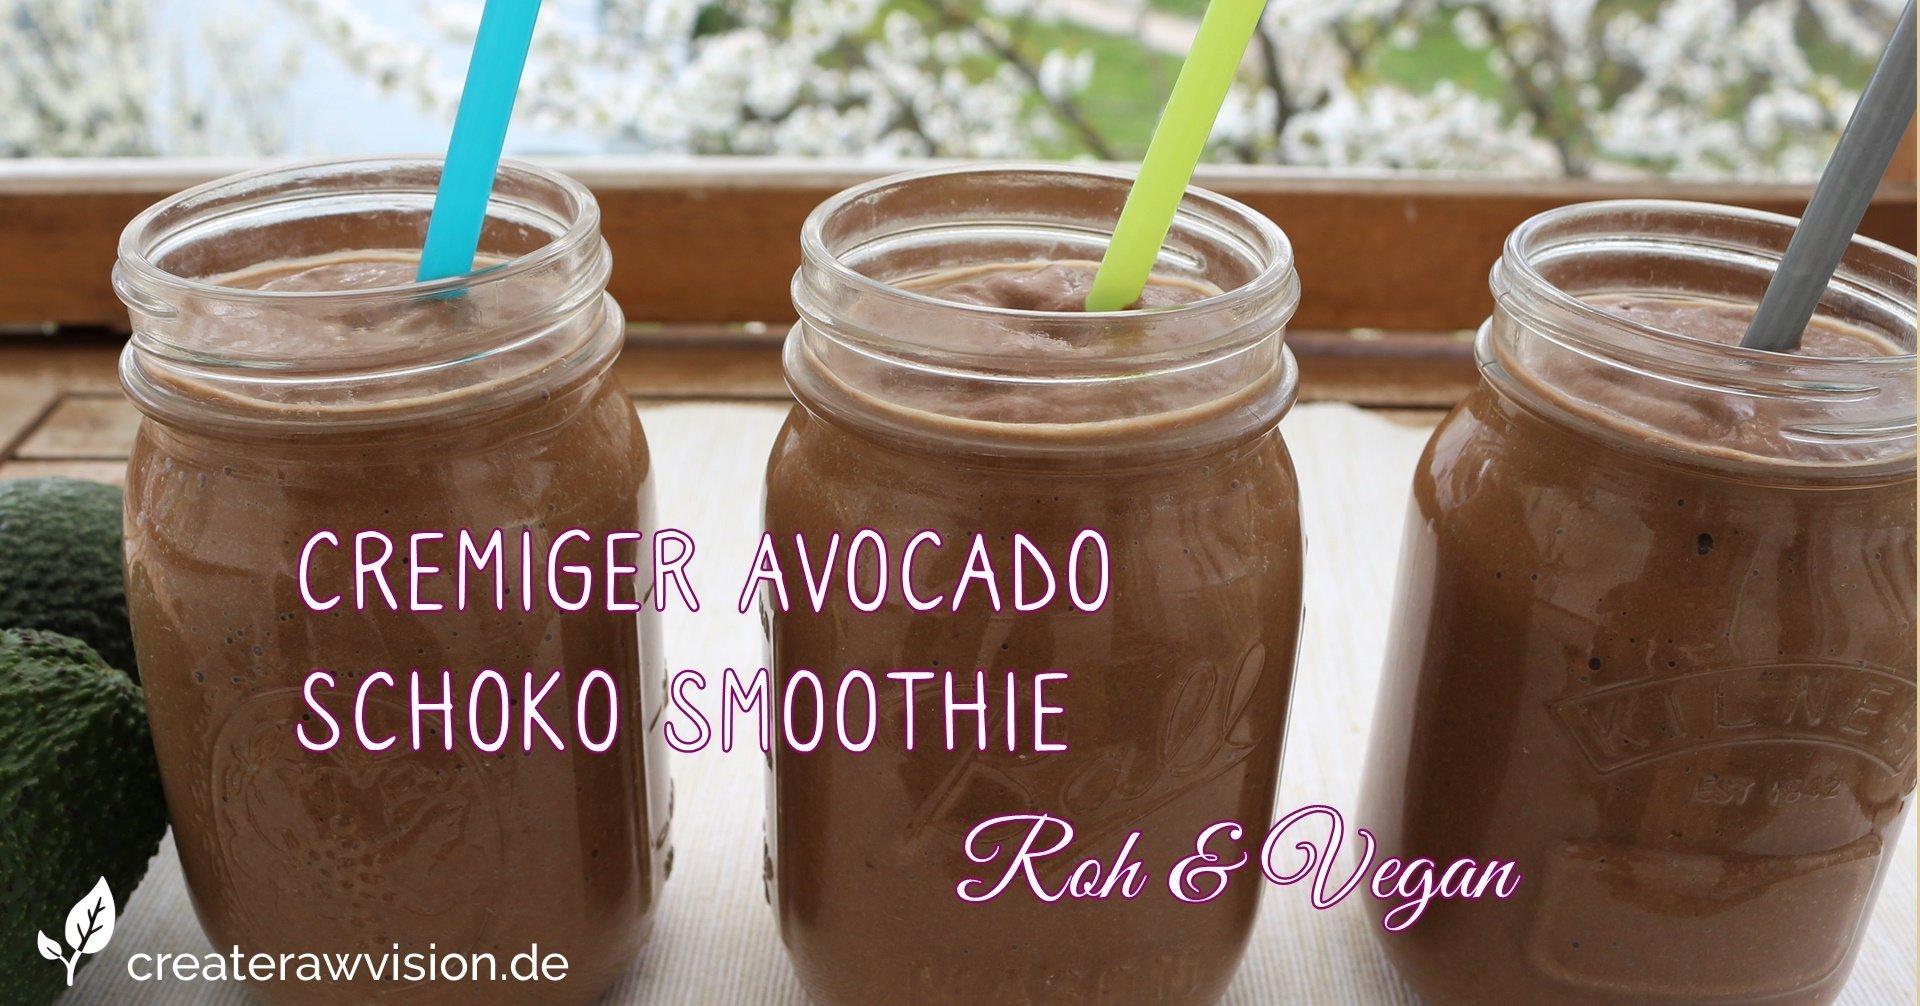 Avocado Schoko Smoothie Roh & Vegan